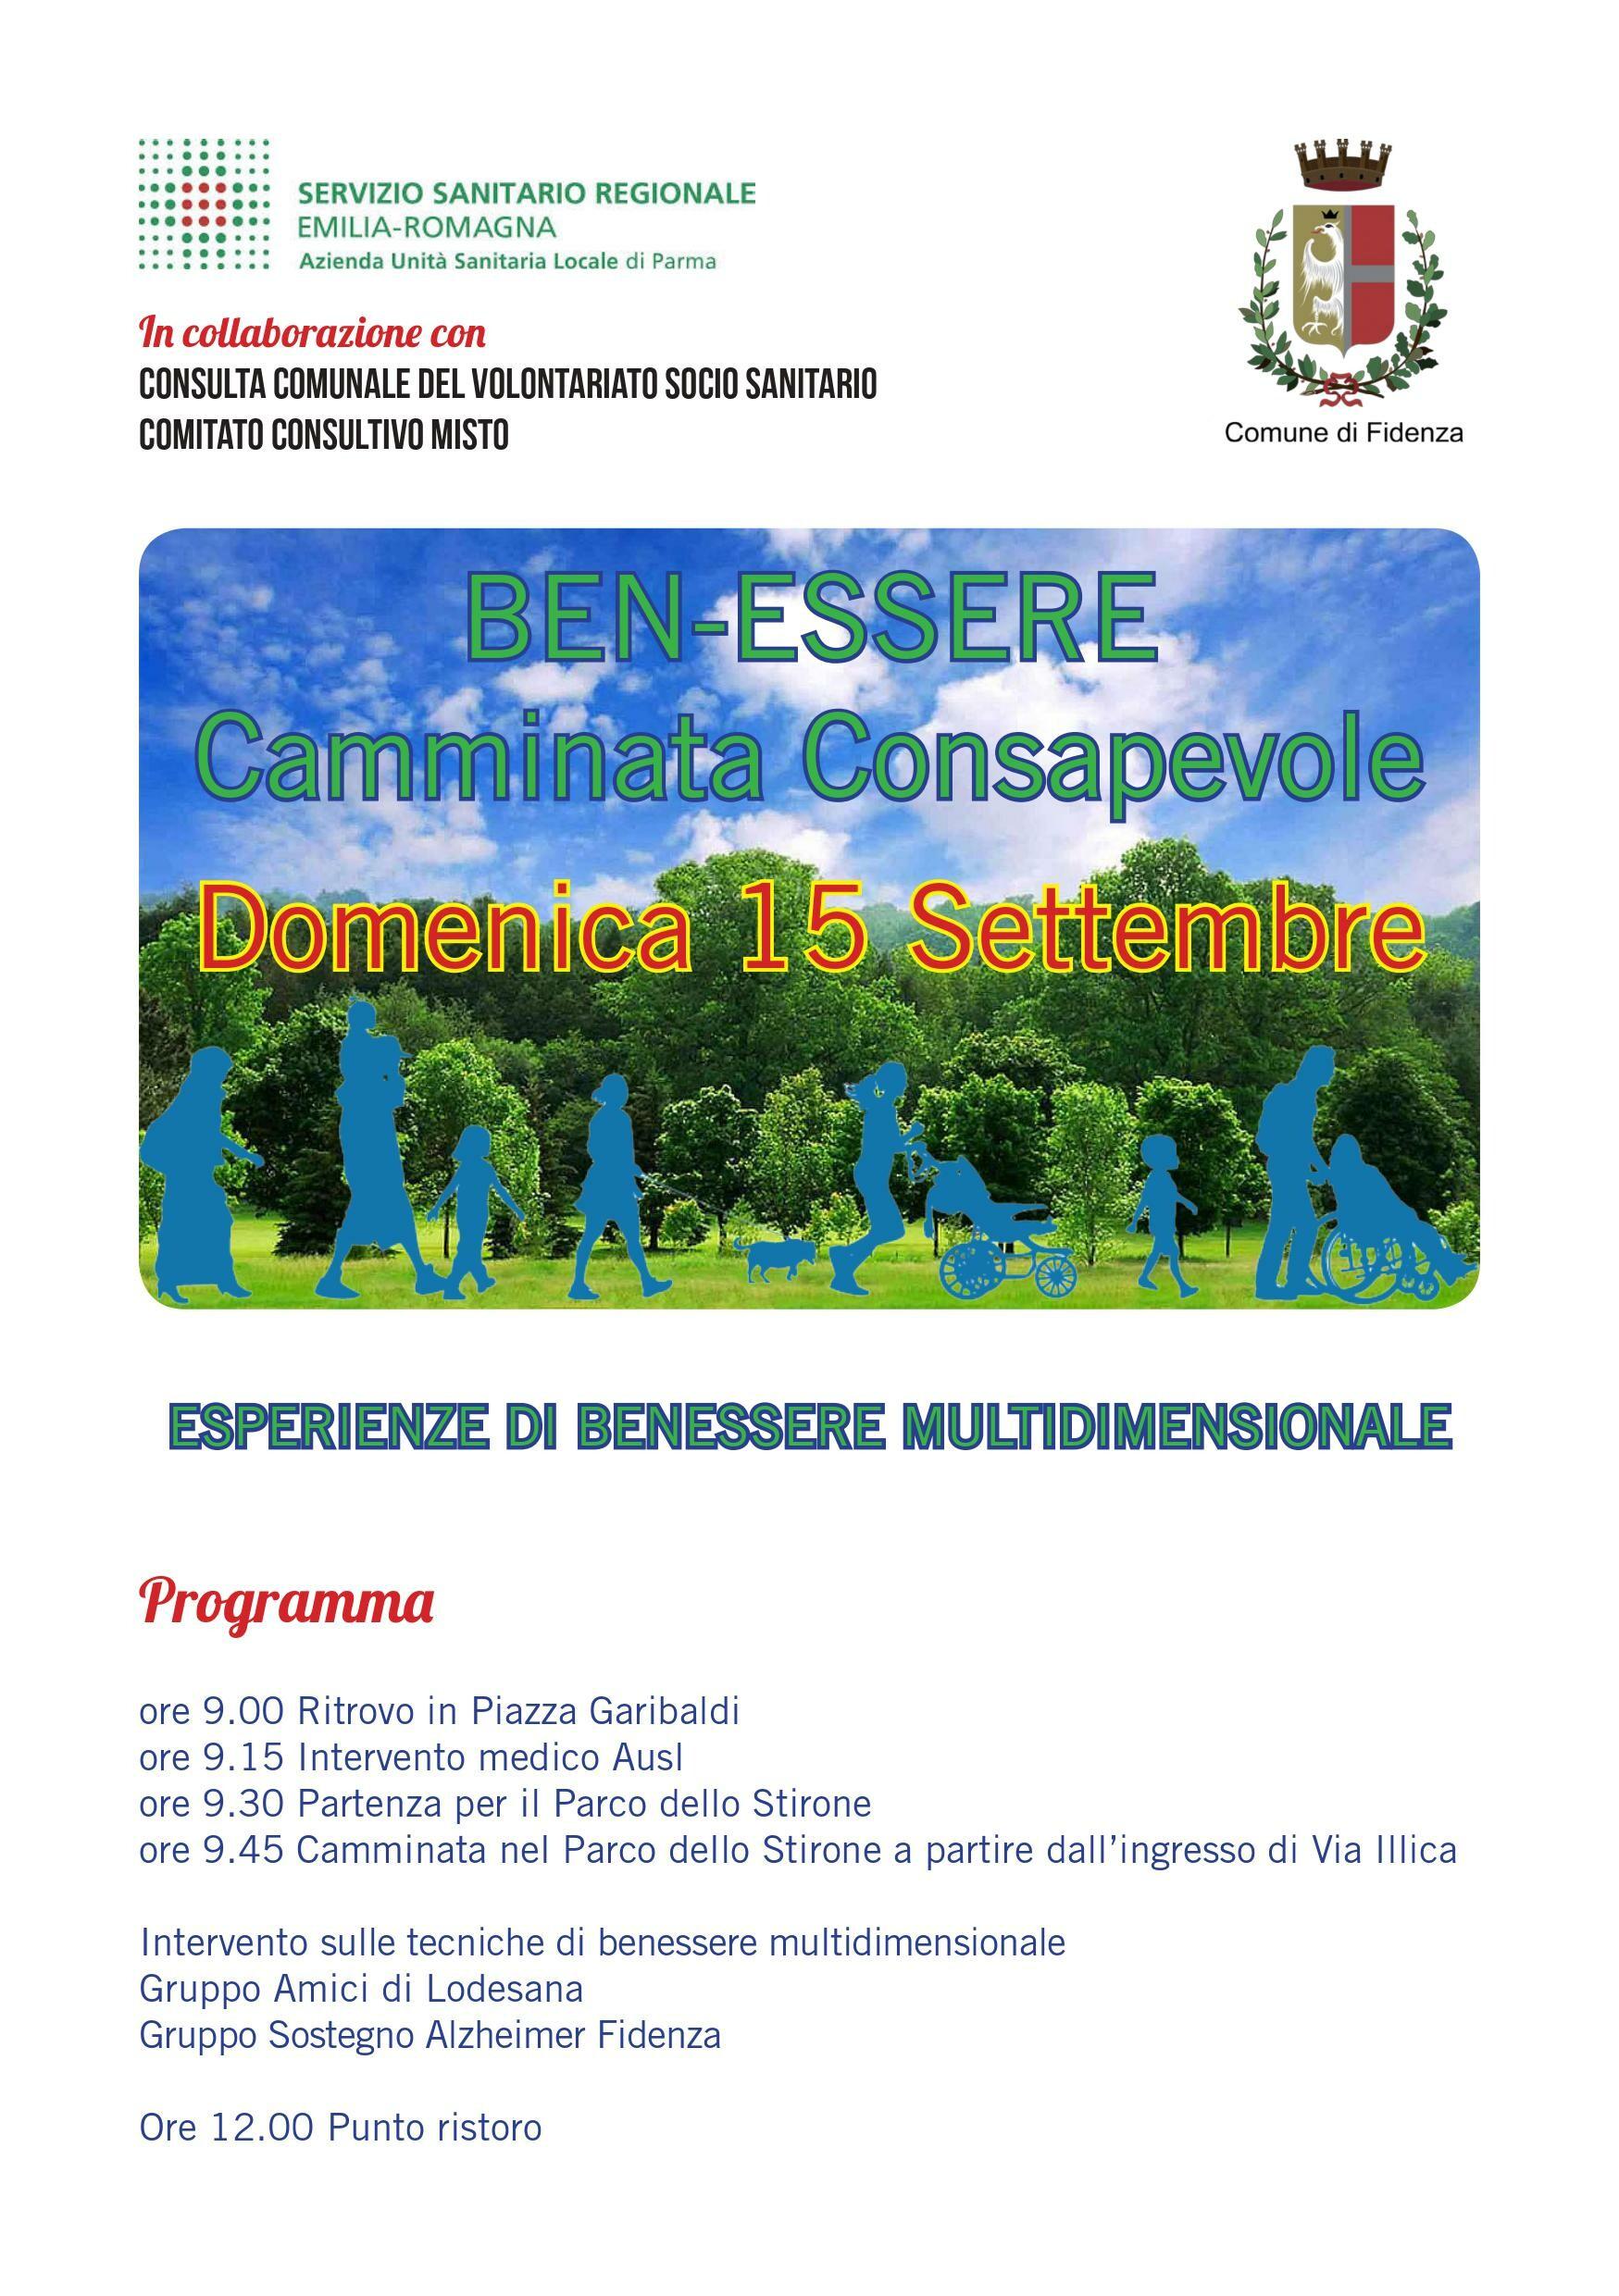 Camminata consapevole Il 15 settembre la camminata promossa dalla Consulta Comunale del Volontariato di Fidenza